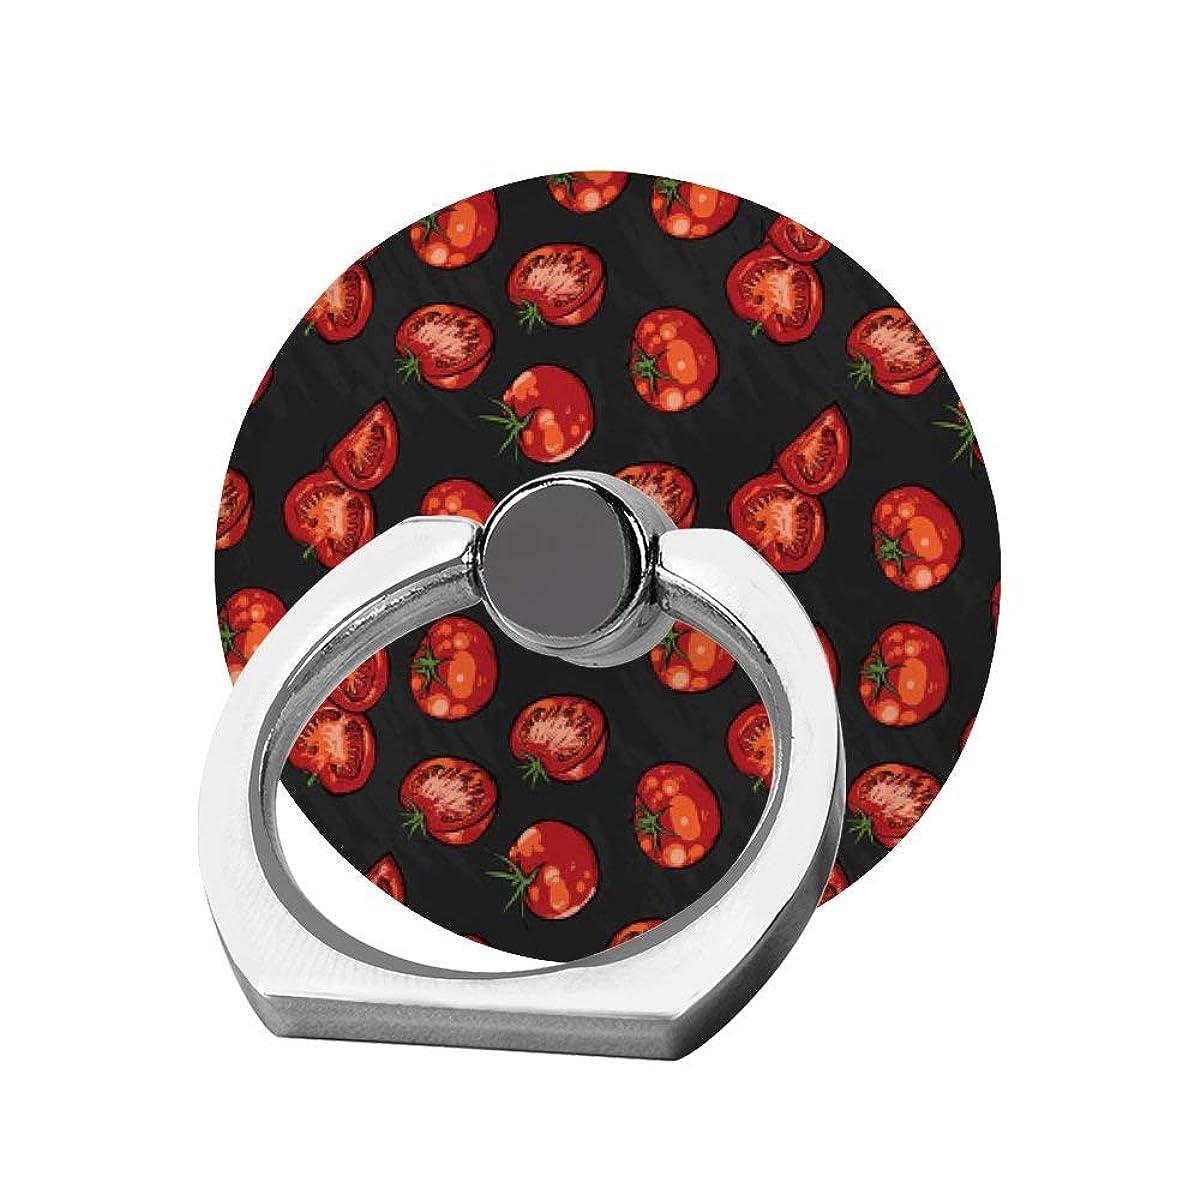 廃止アラバマ落胆したスマホリング 携帯リング 指リング 薄型 落下防止 スタンド機能 トマト柄 バンカーリング 指輪リング タブレット/各種他対応 360回転 スマホブラケット